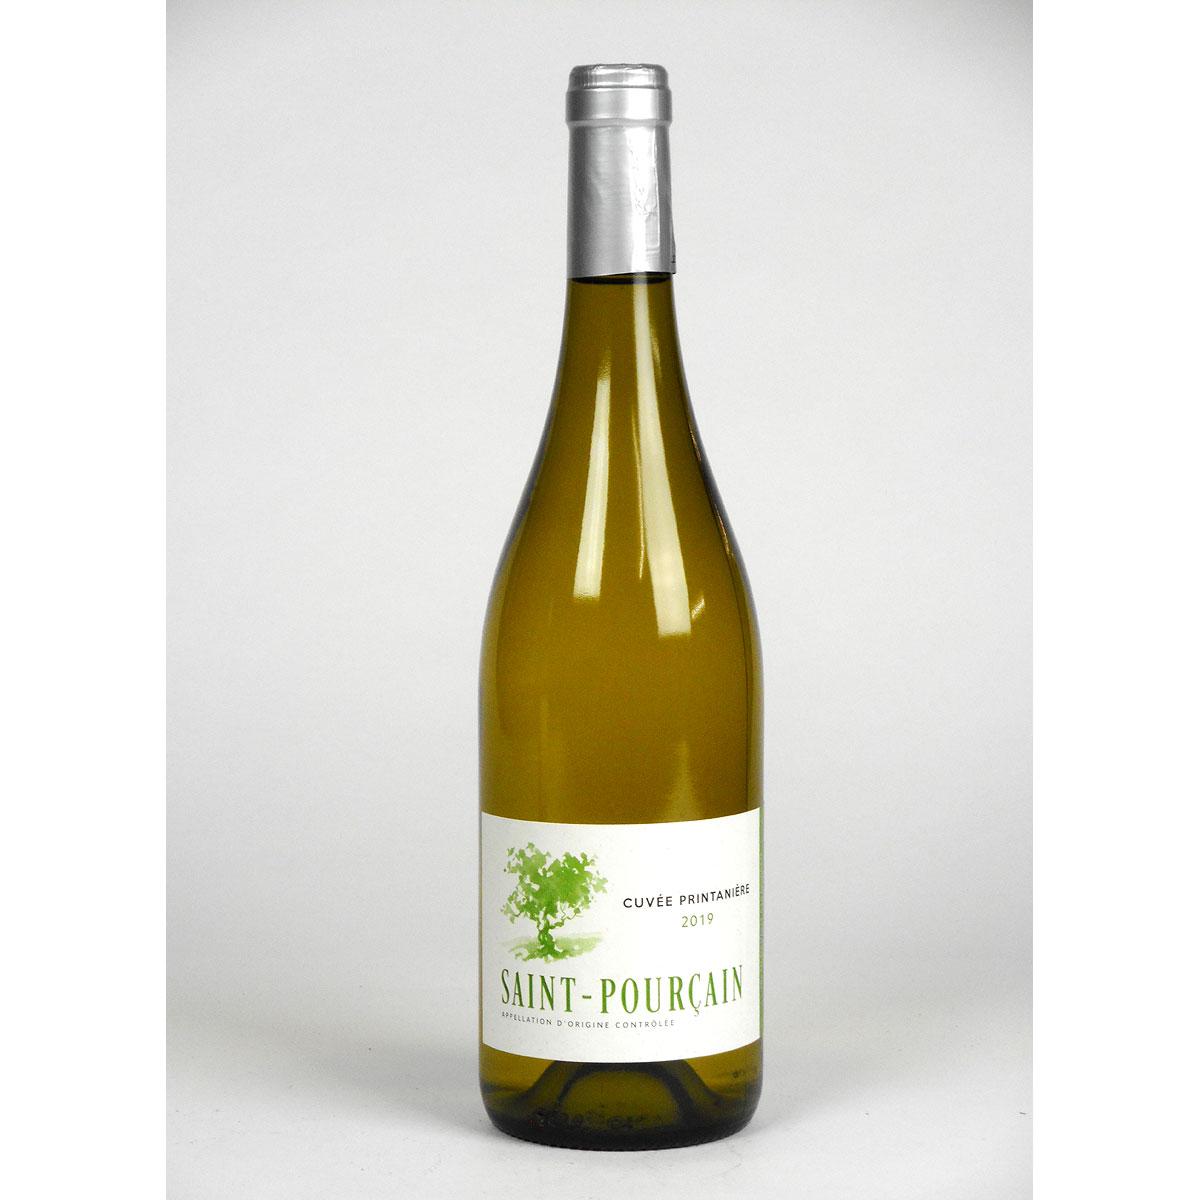 Saint-Pourçain: 'Cuvée Printanière' Blanc 2019 - Bottle